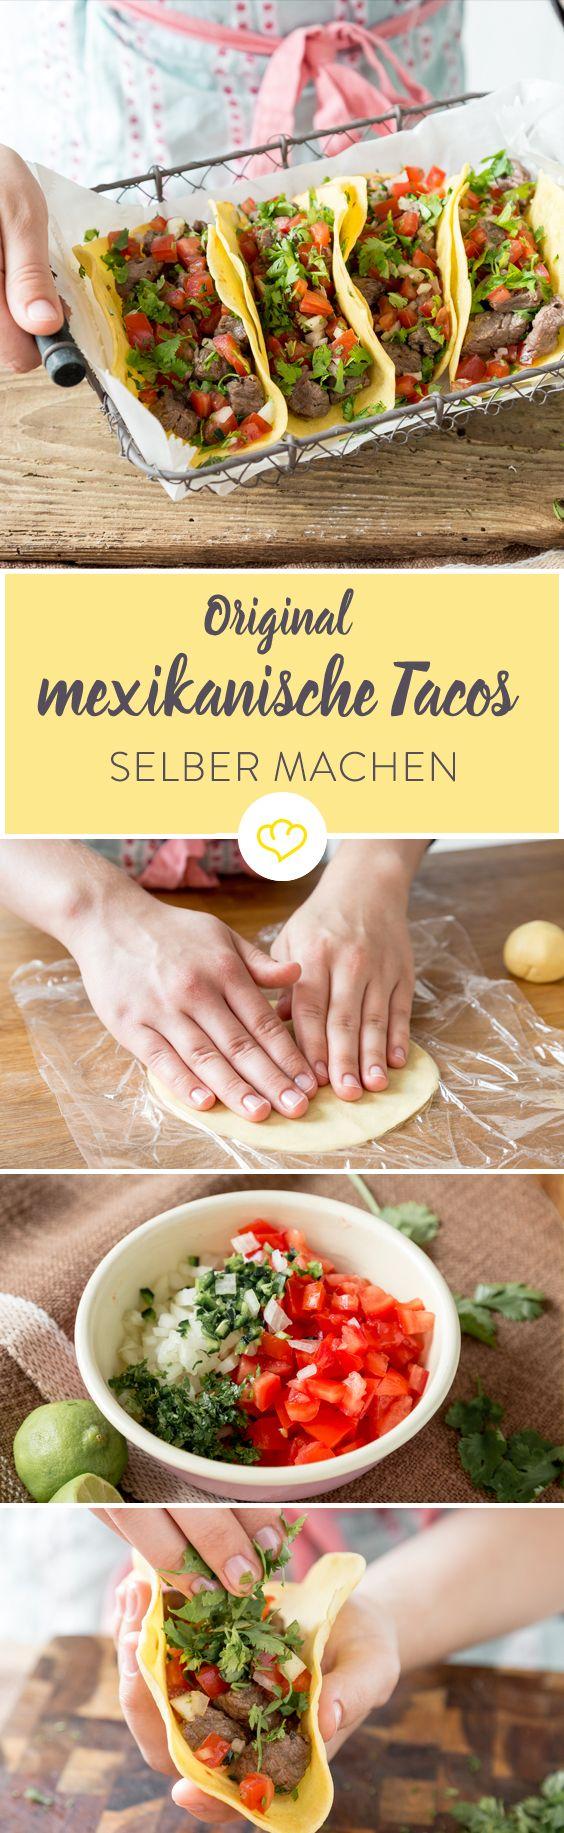 Original mexikanische Tacos - Mit nur wenigen Zutaten sind die gefalteten Tortillas auch für mehrere Personen schnell gemacht und serviert. Da sie mit den Fingern gegessen werden, müssen deine Gäste nicht mit Besteck hantieren. Deshalb sind sie nebenbei auch ideal für Stehpartys. Aber wie war das jetzt noch gleich mit den Tacos? Waren die jetzt außen hart oder weich, und was kam da nochmal alles rein?